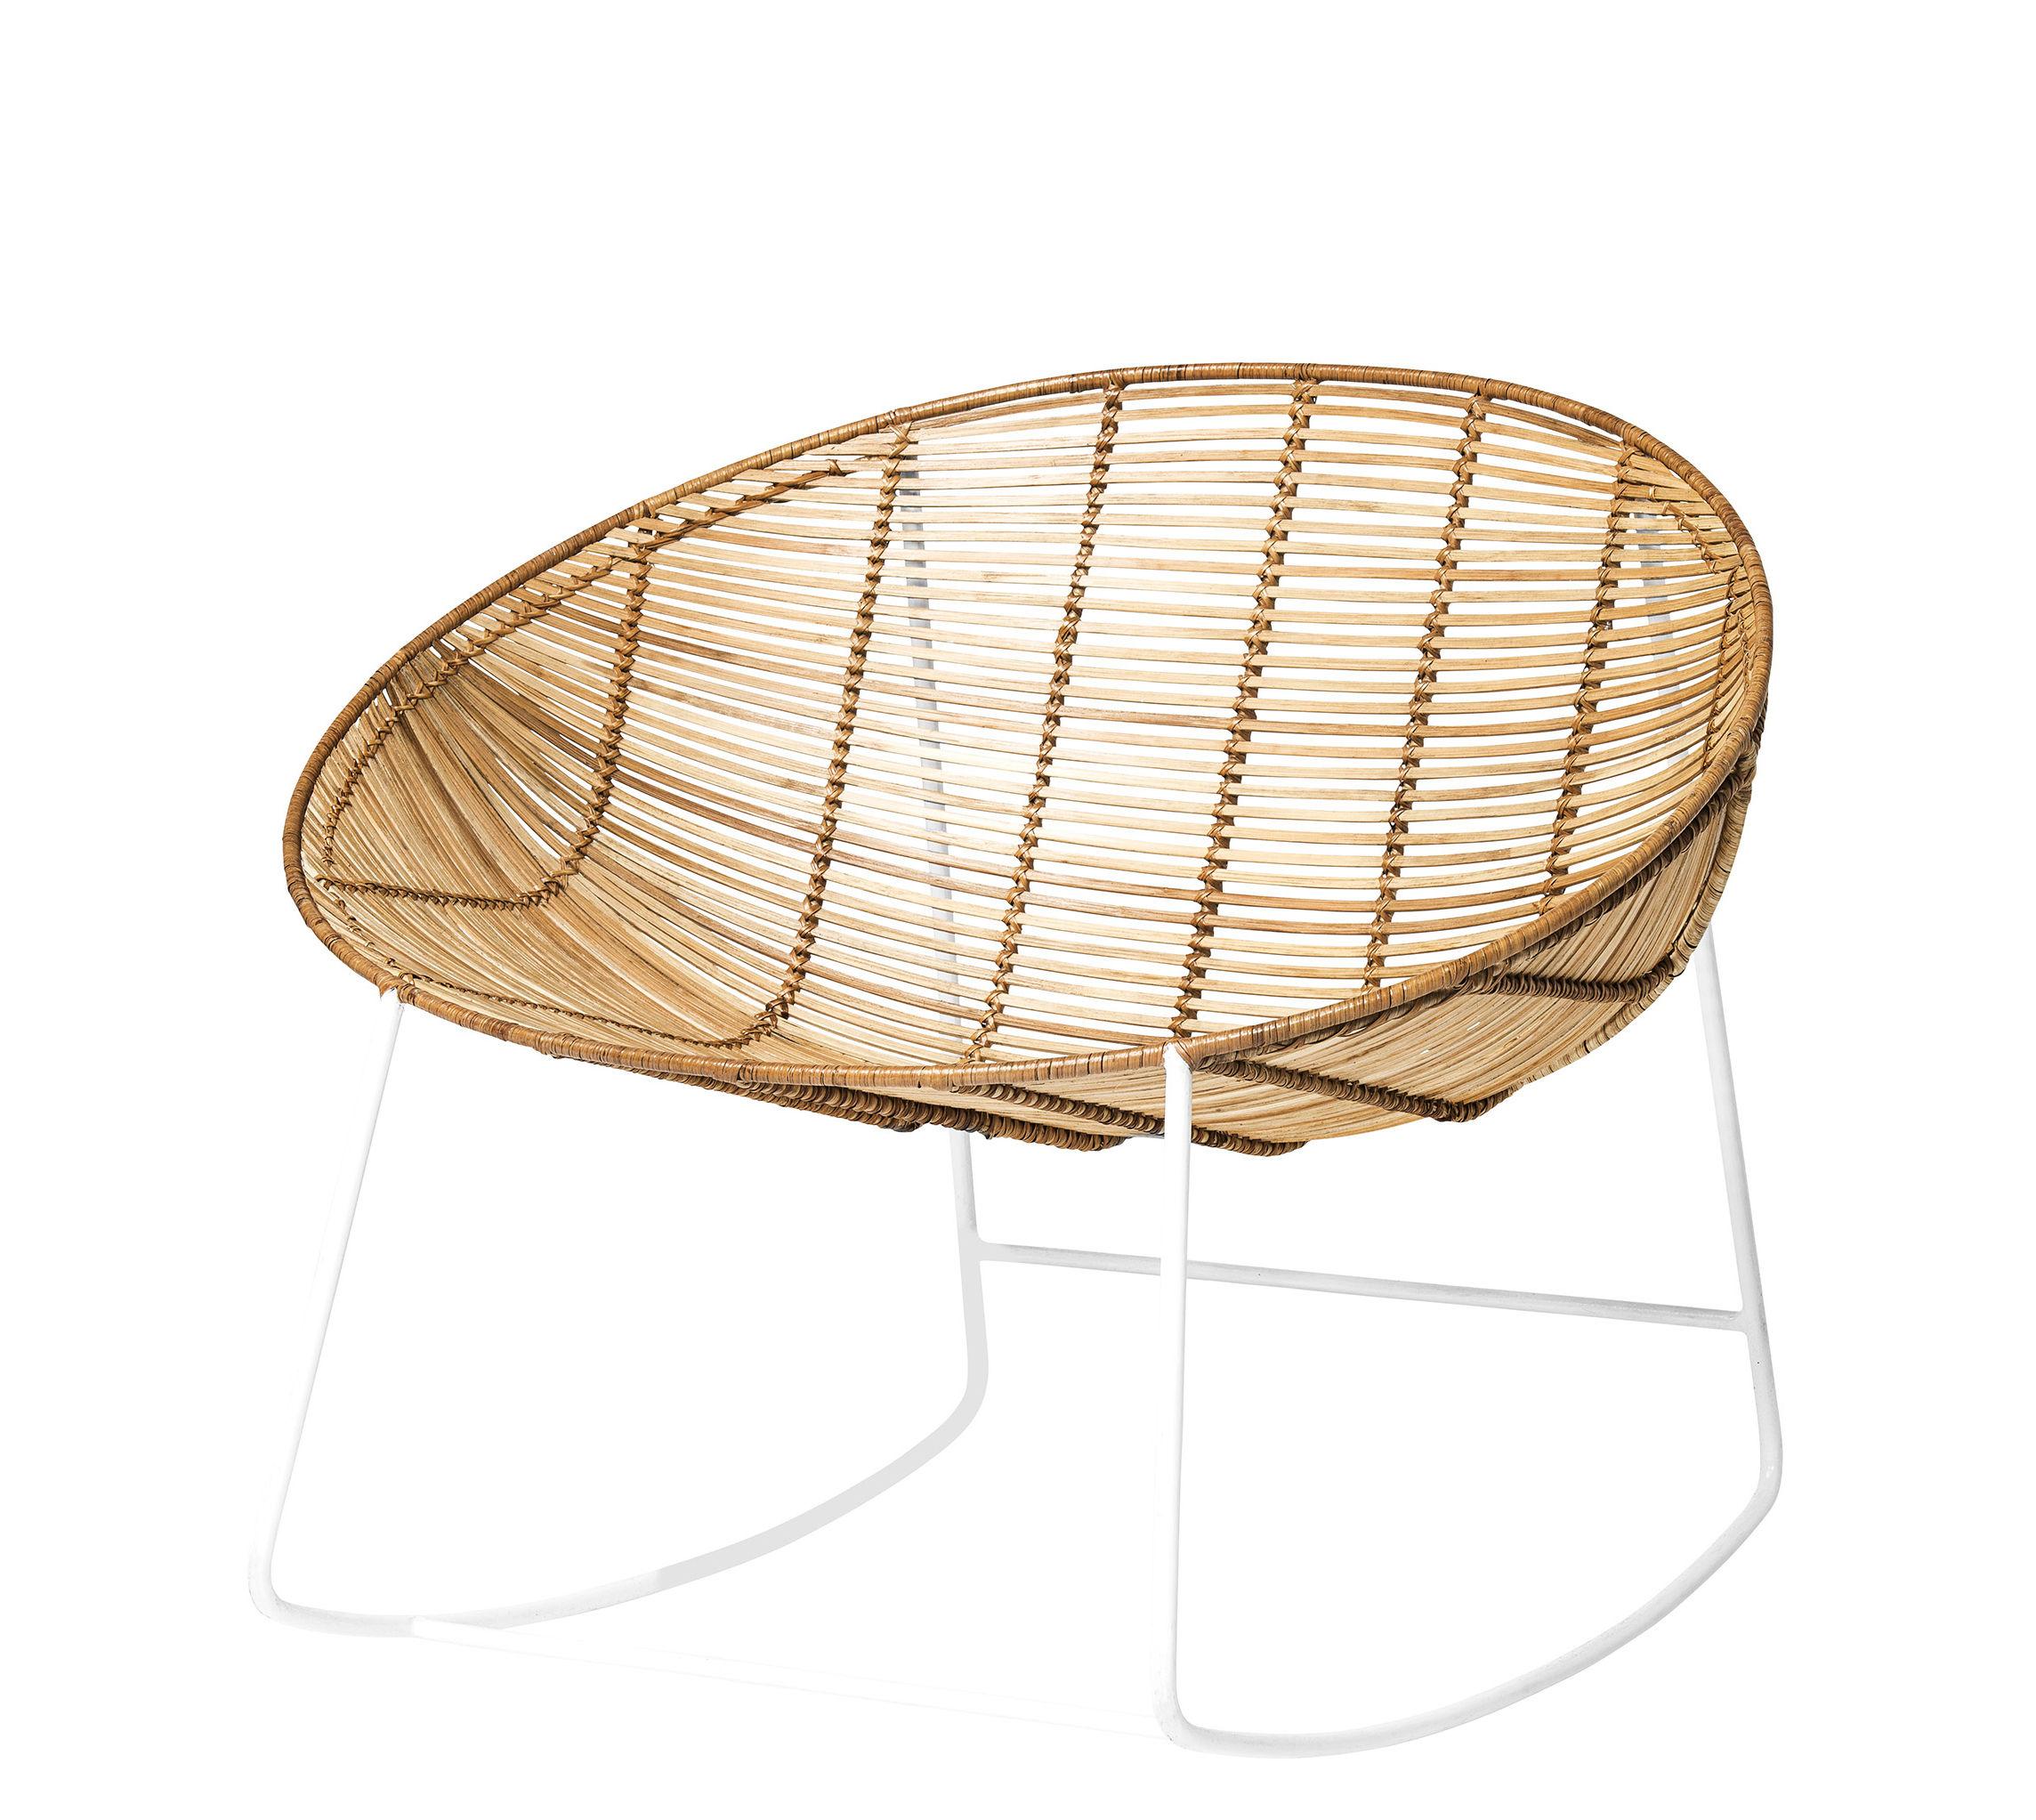 Arredamento - Poltrone design  - Rocking chair Orinoco - / Rattan & Metallo di Bloomingville - Naturale / Bianco - metallo laccato, Midollino